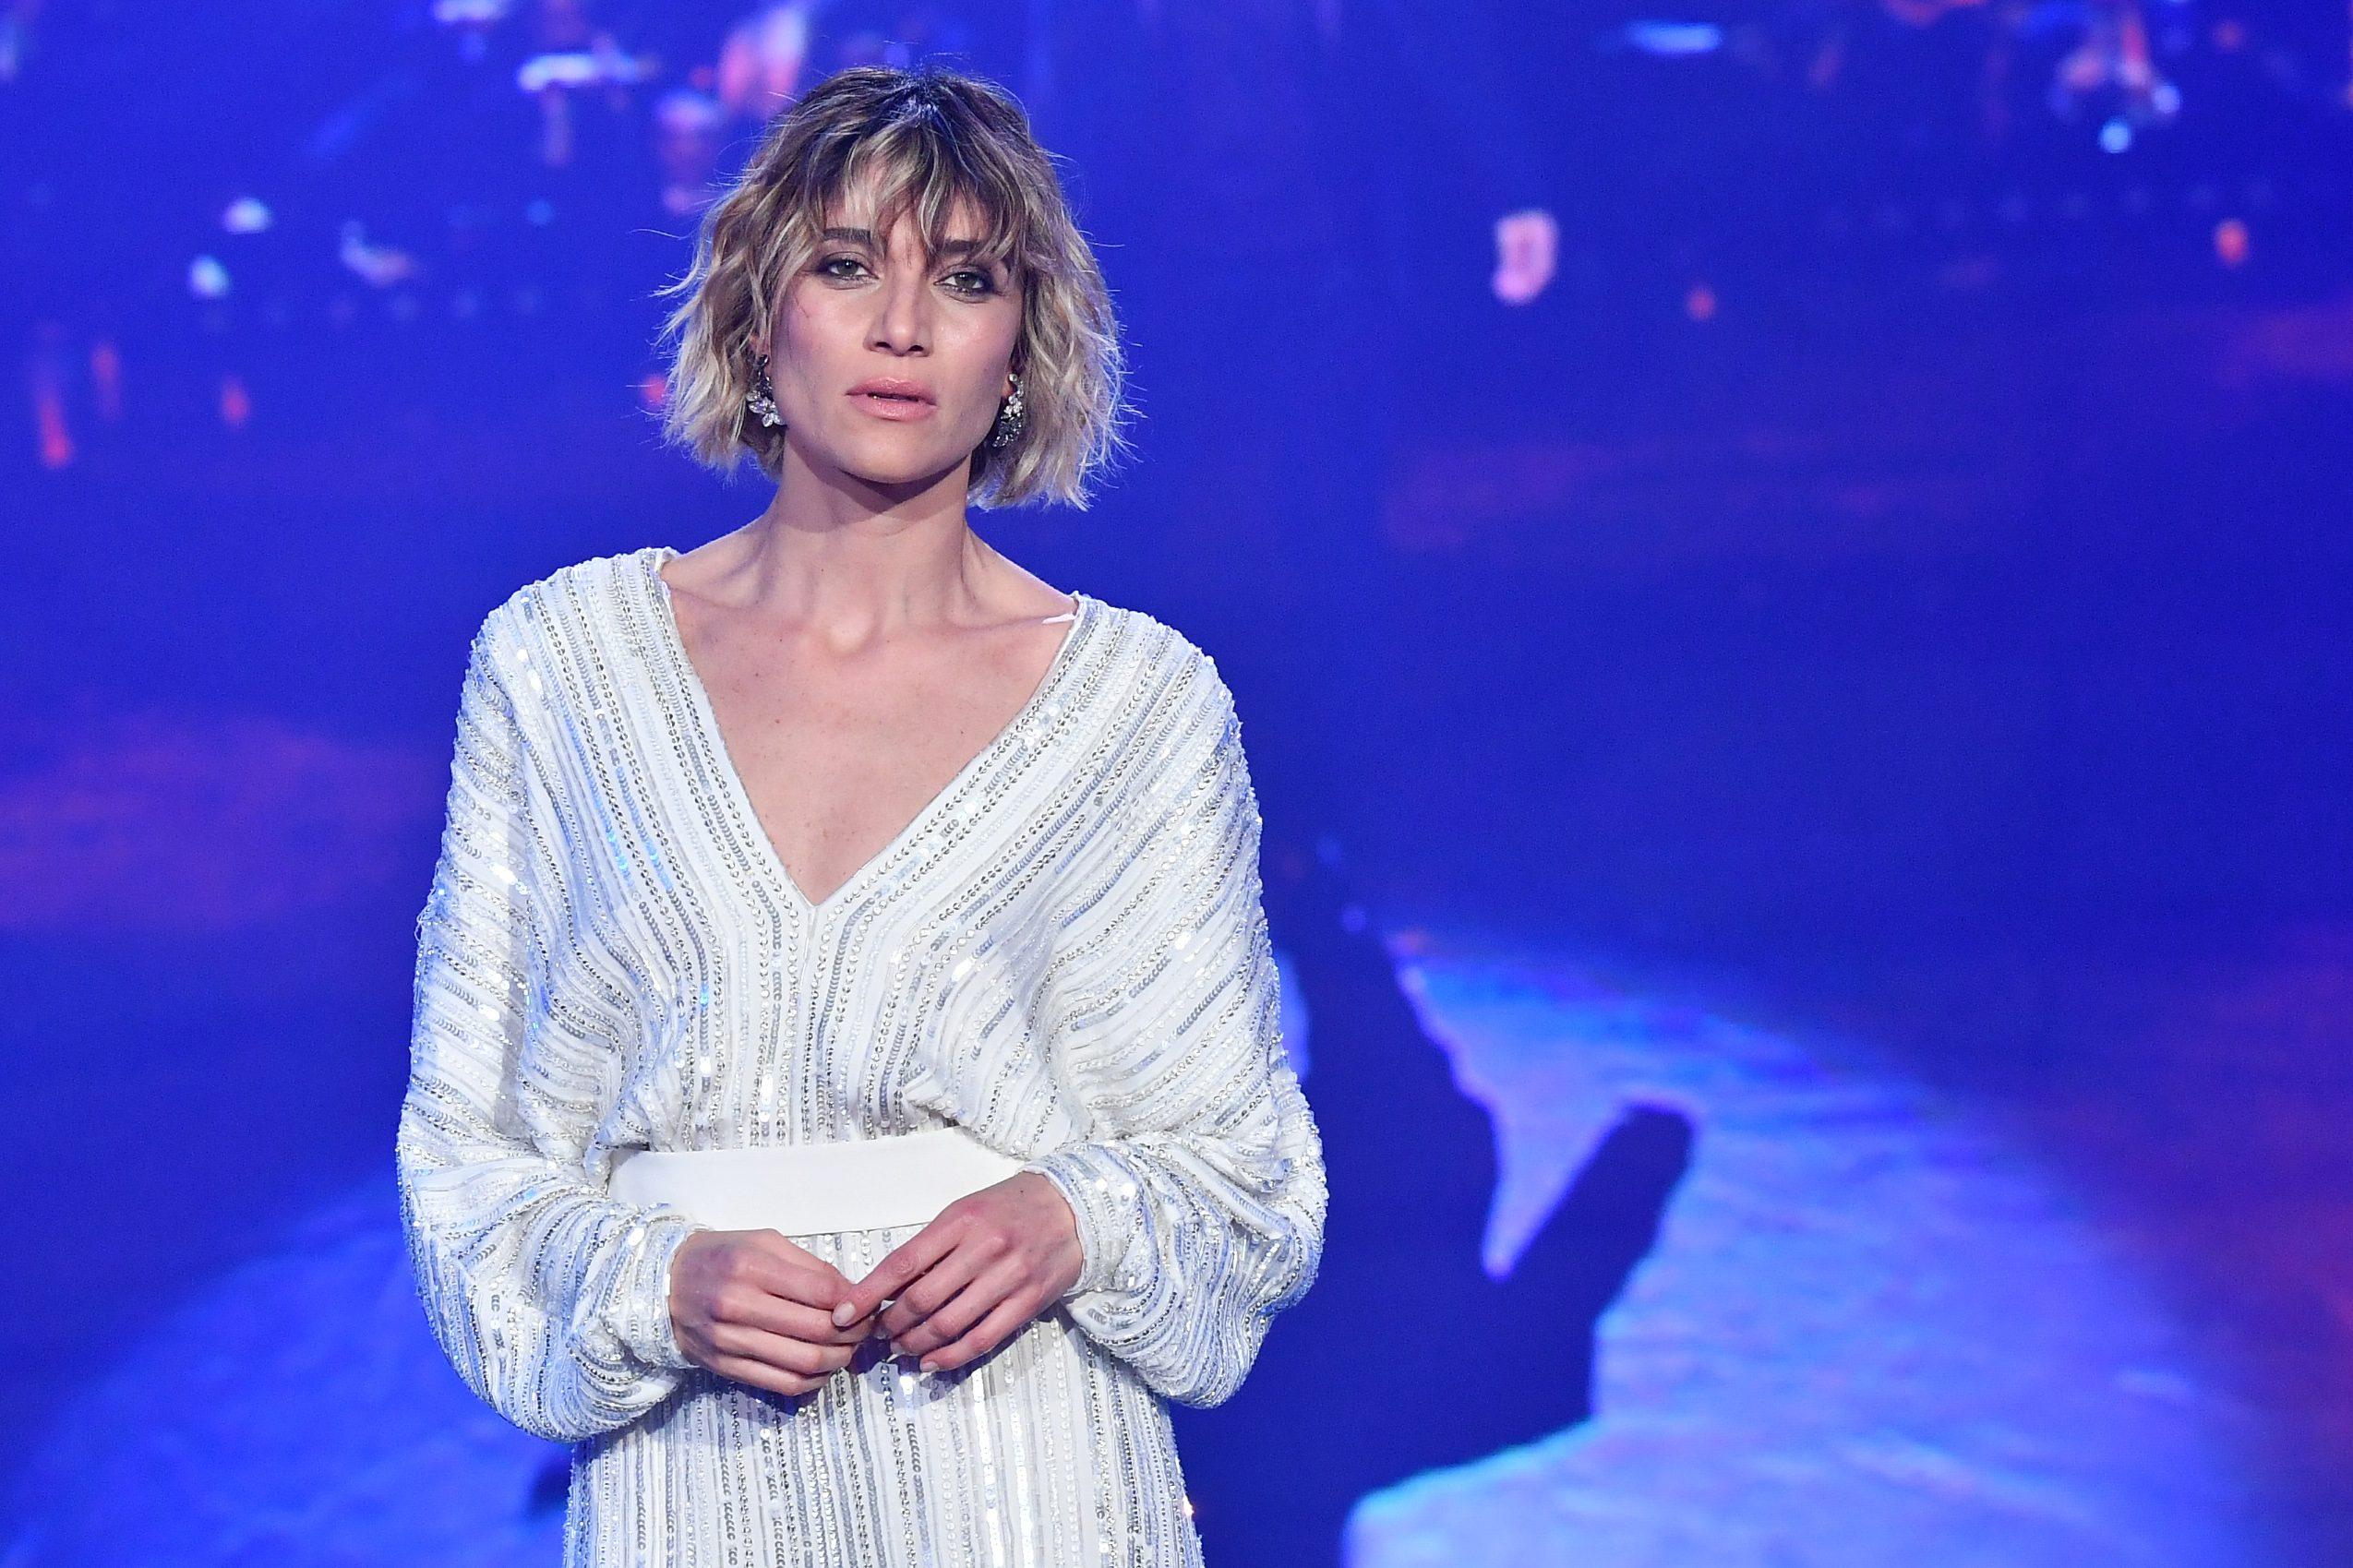 I 40 anni di Anna Foglietta, l'attrice italiana che in meno tempo ha dimostrato di più